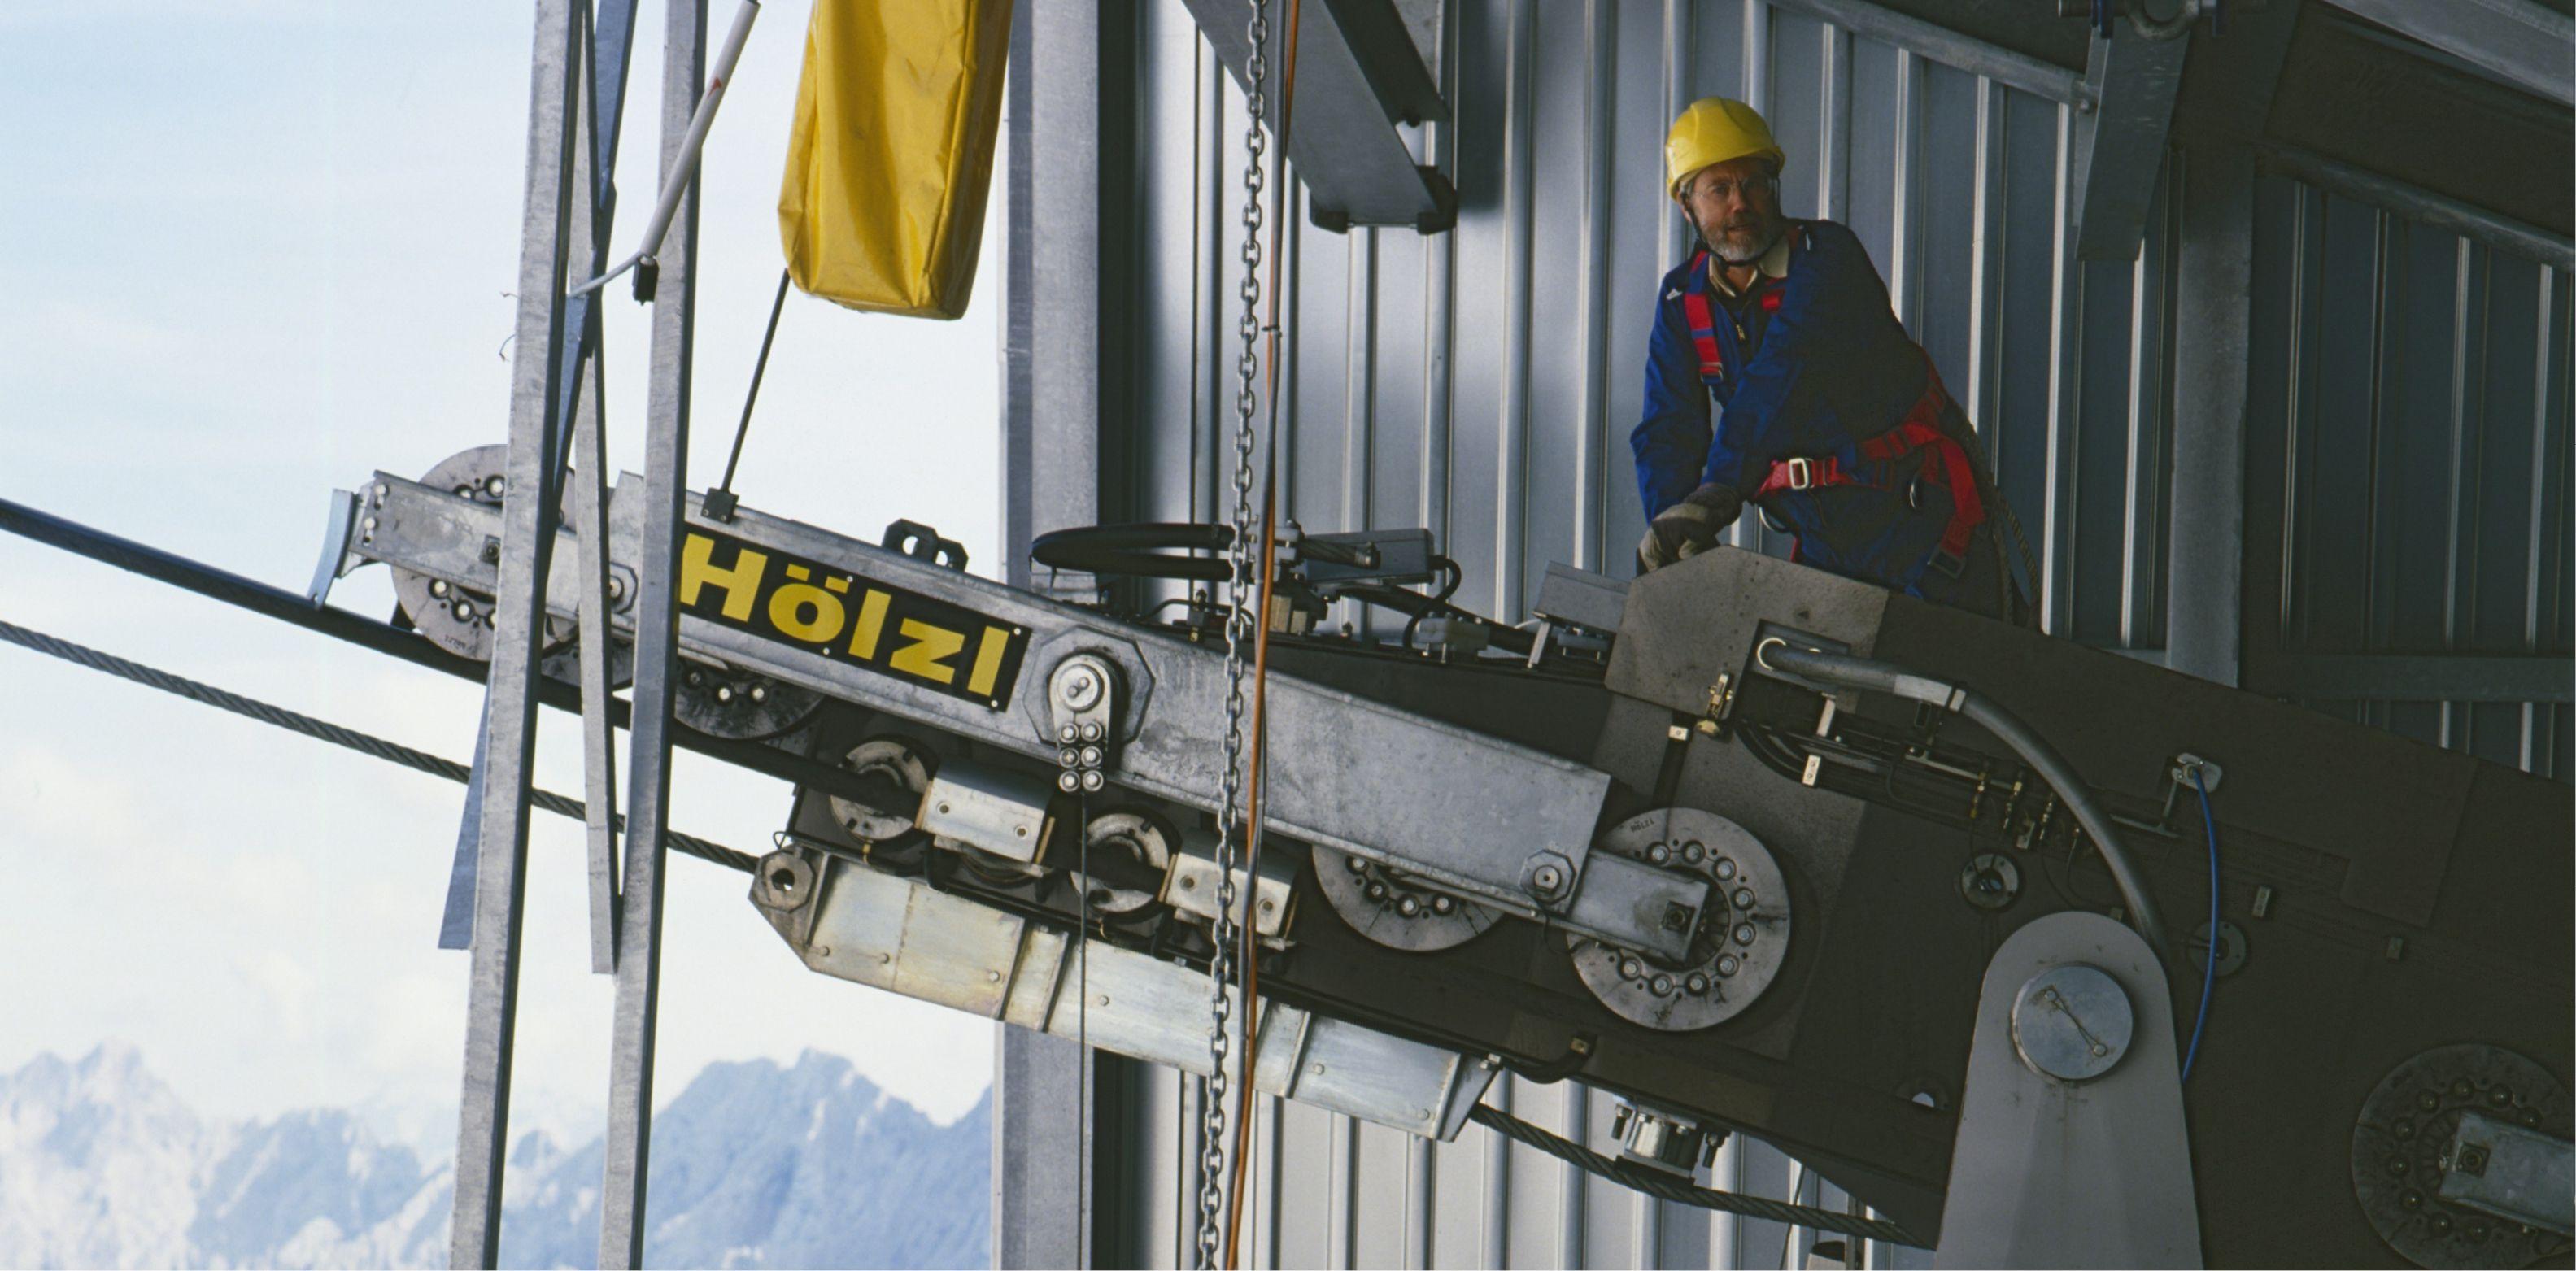 Technische Ausfälle während des Seilbahnbetriebs führen äußerst selten zu gefährlichen Situationen. In der Regel vereiste Seile oder aber äußerst starke Windböen. ©Tüv Süd #mountaintalk